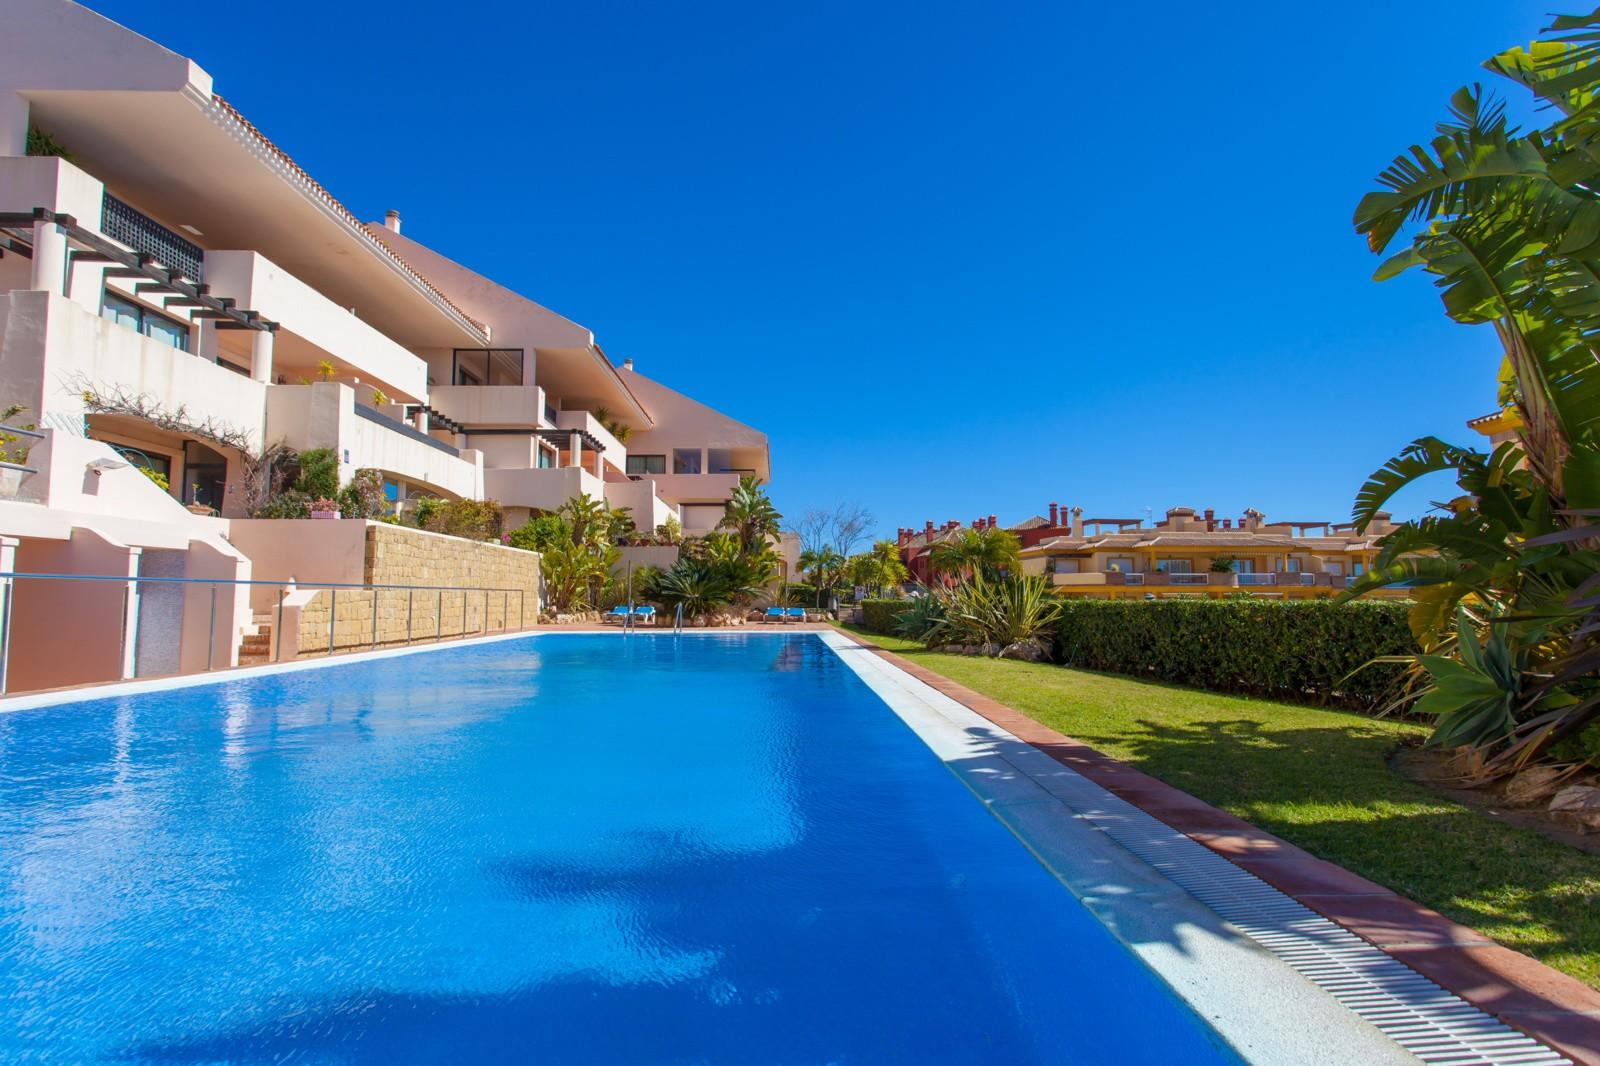 Apartment in Calahonda MA7636610 19